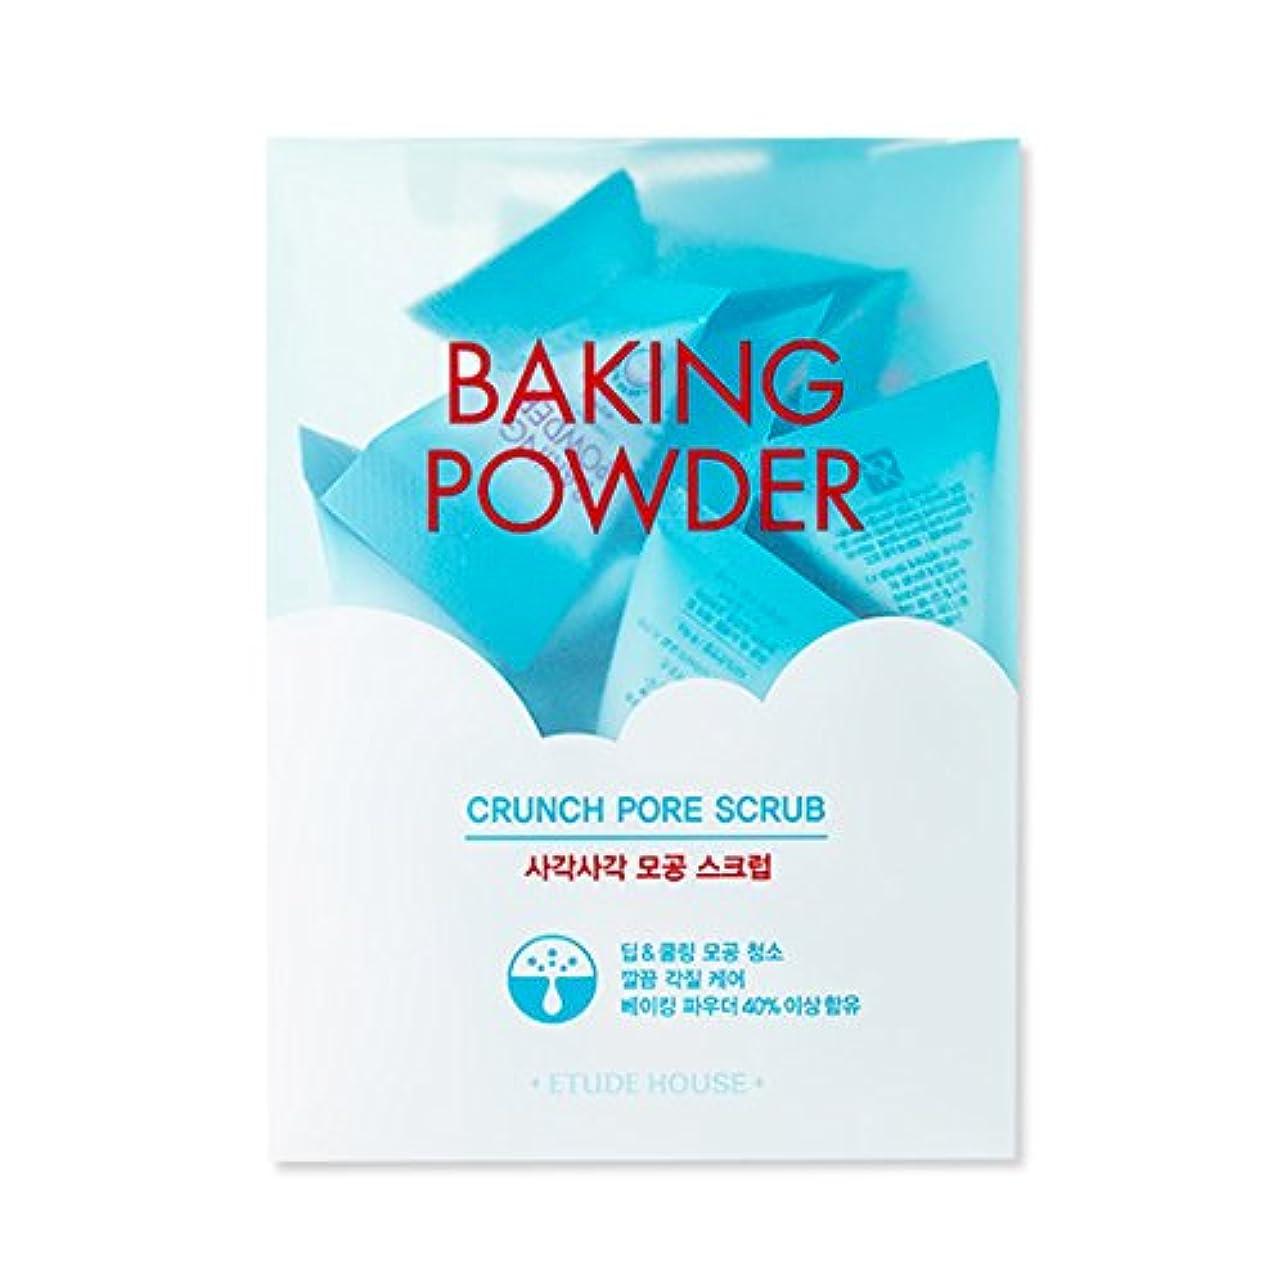 ほめる芸術的フォーマル[2016 Upgrade!] ETUDE HOUSE Baking Powder Crunch Pore Scrub 7g×24ea/エチュードハウス ベーキング パウダー クランチ ポア スクラブ 7g×24ea [...